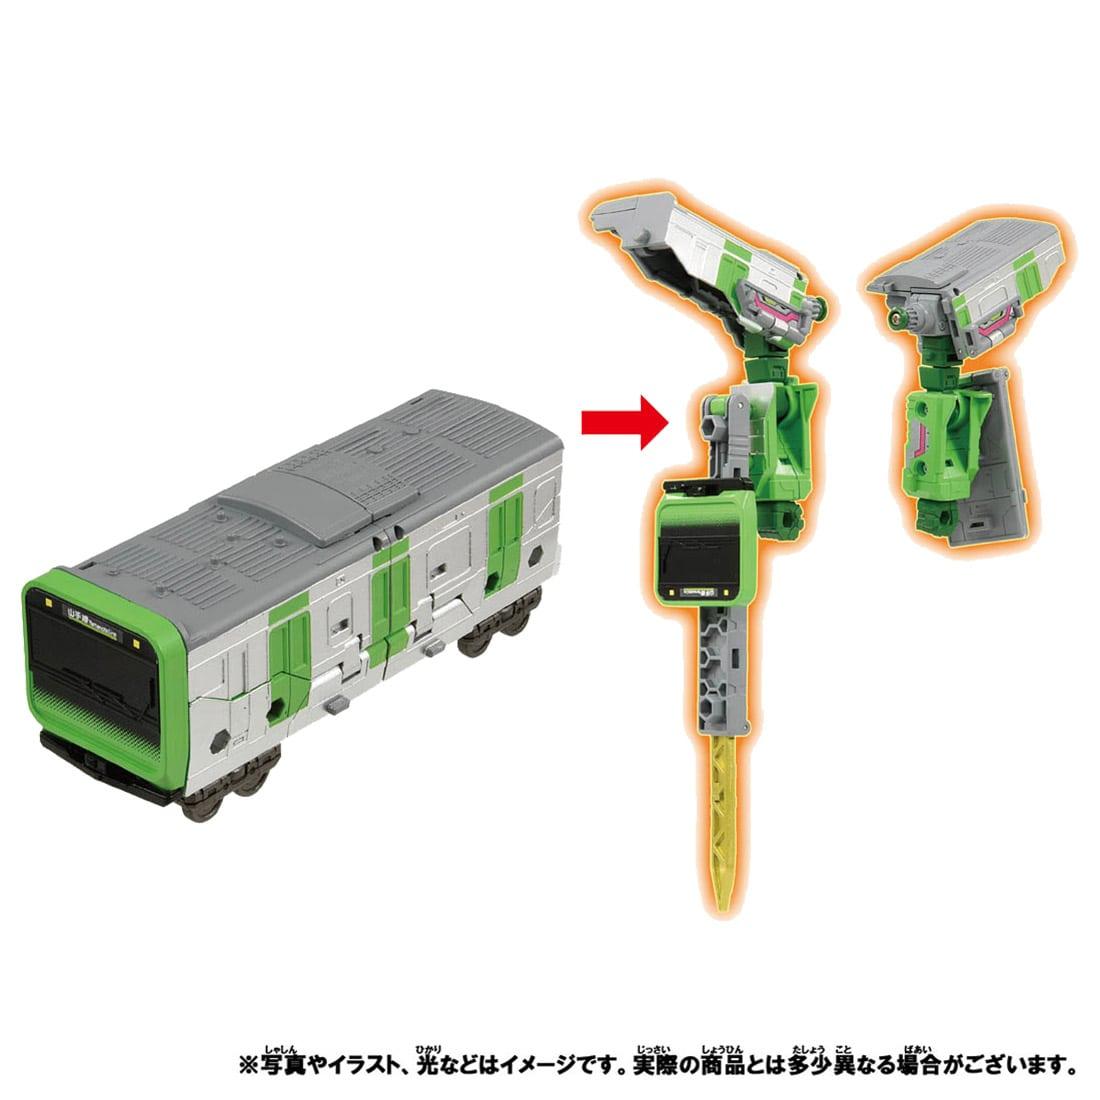 新幹線変形ロボ シンカリオンZ『シンカリオンZ E5ヤマノテセット』可変合体プラレール-008